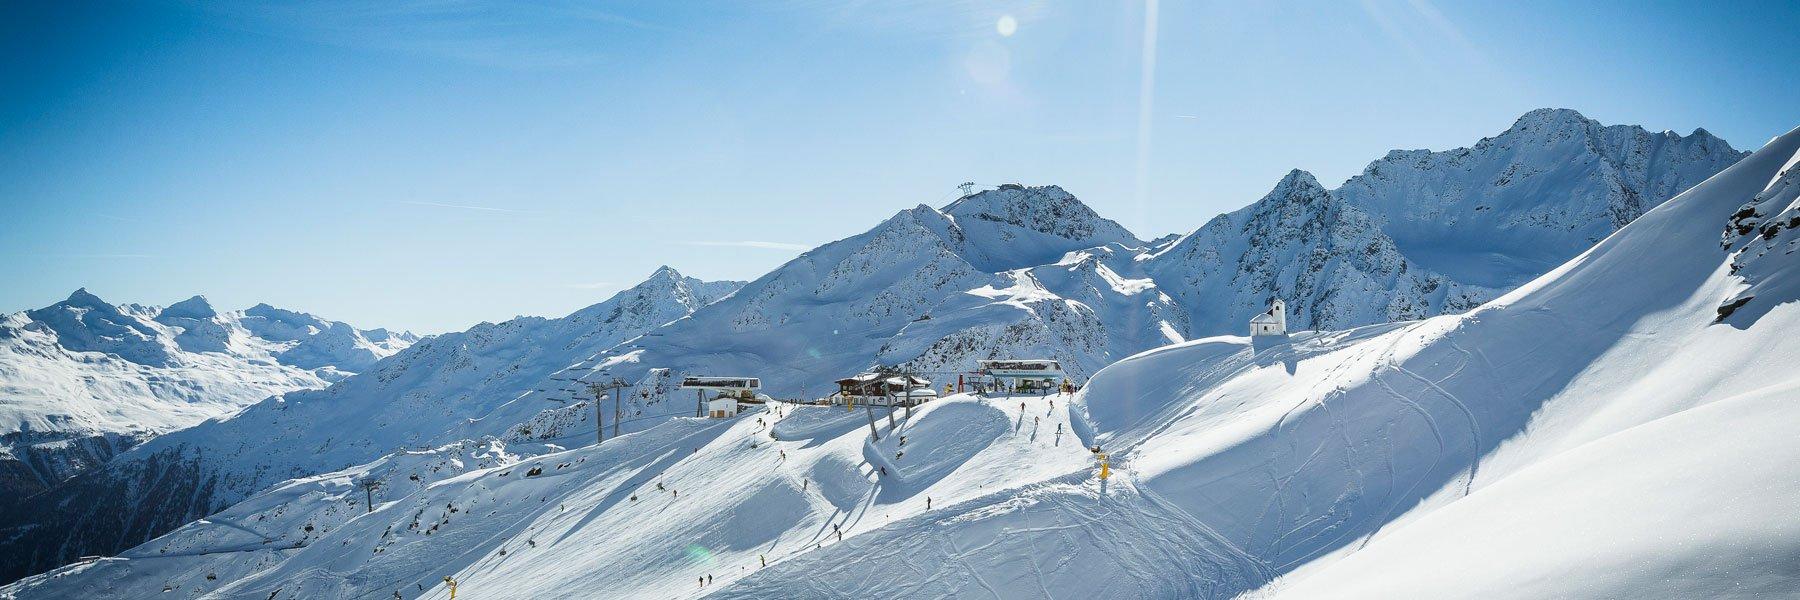 Skigebiet am Giggijoch